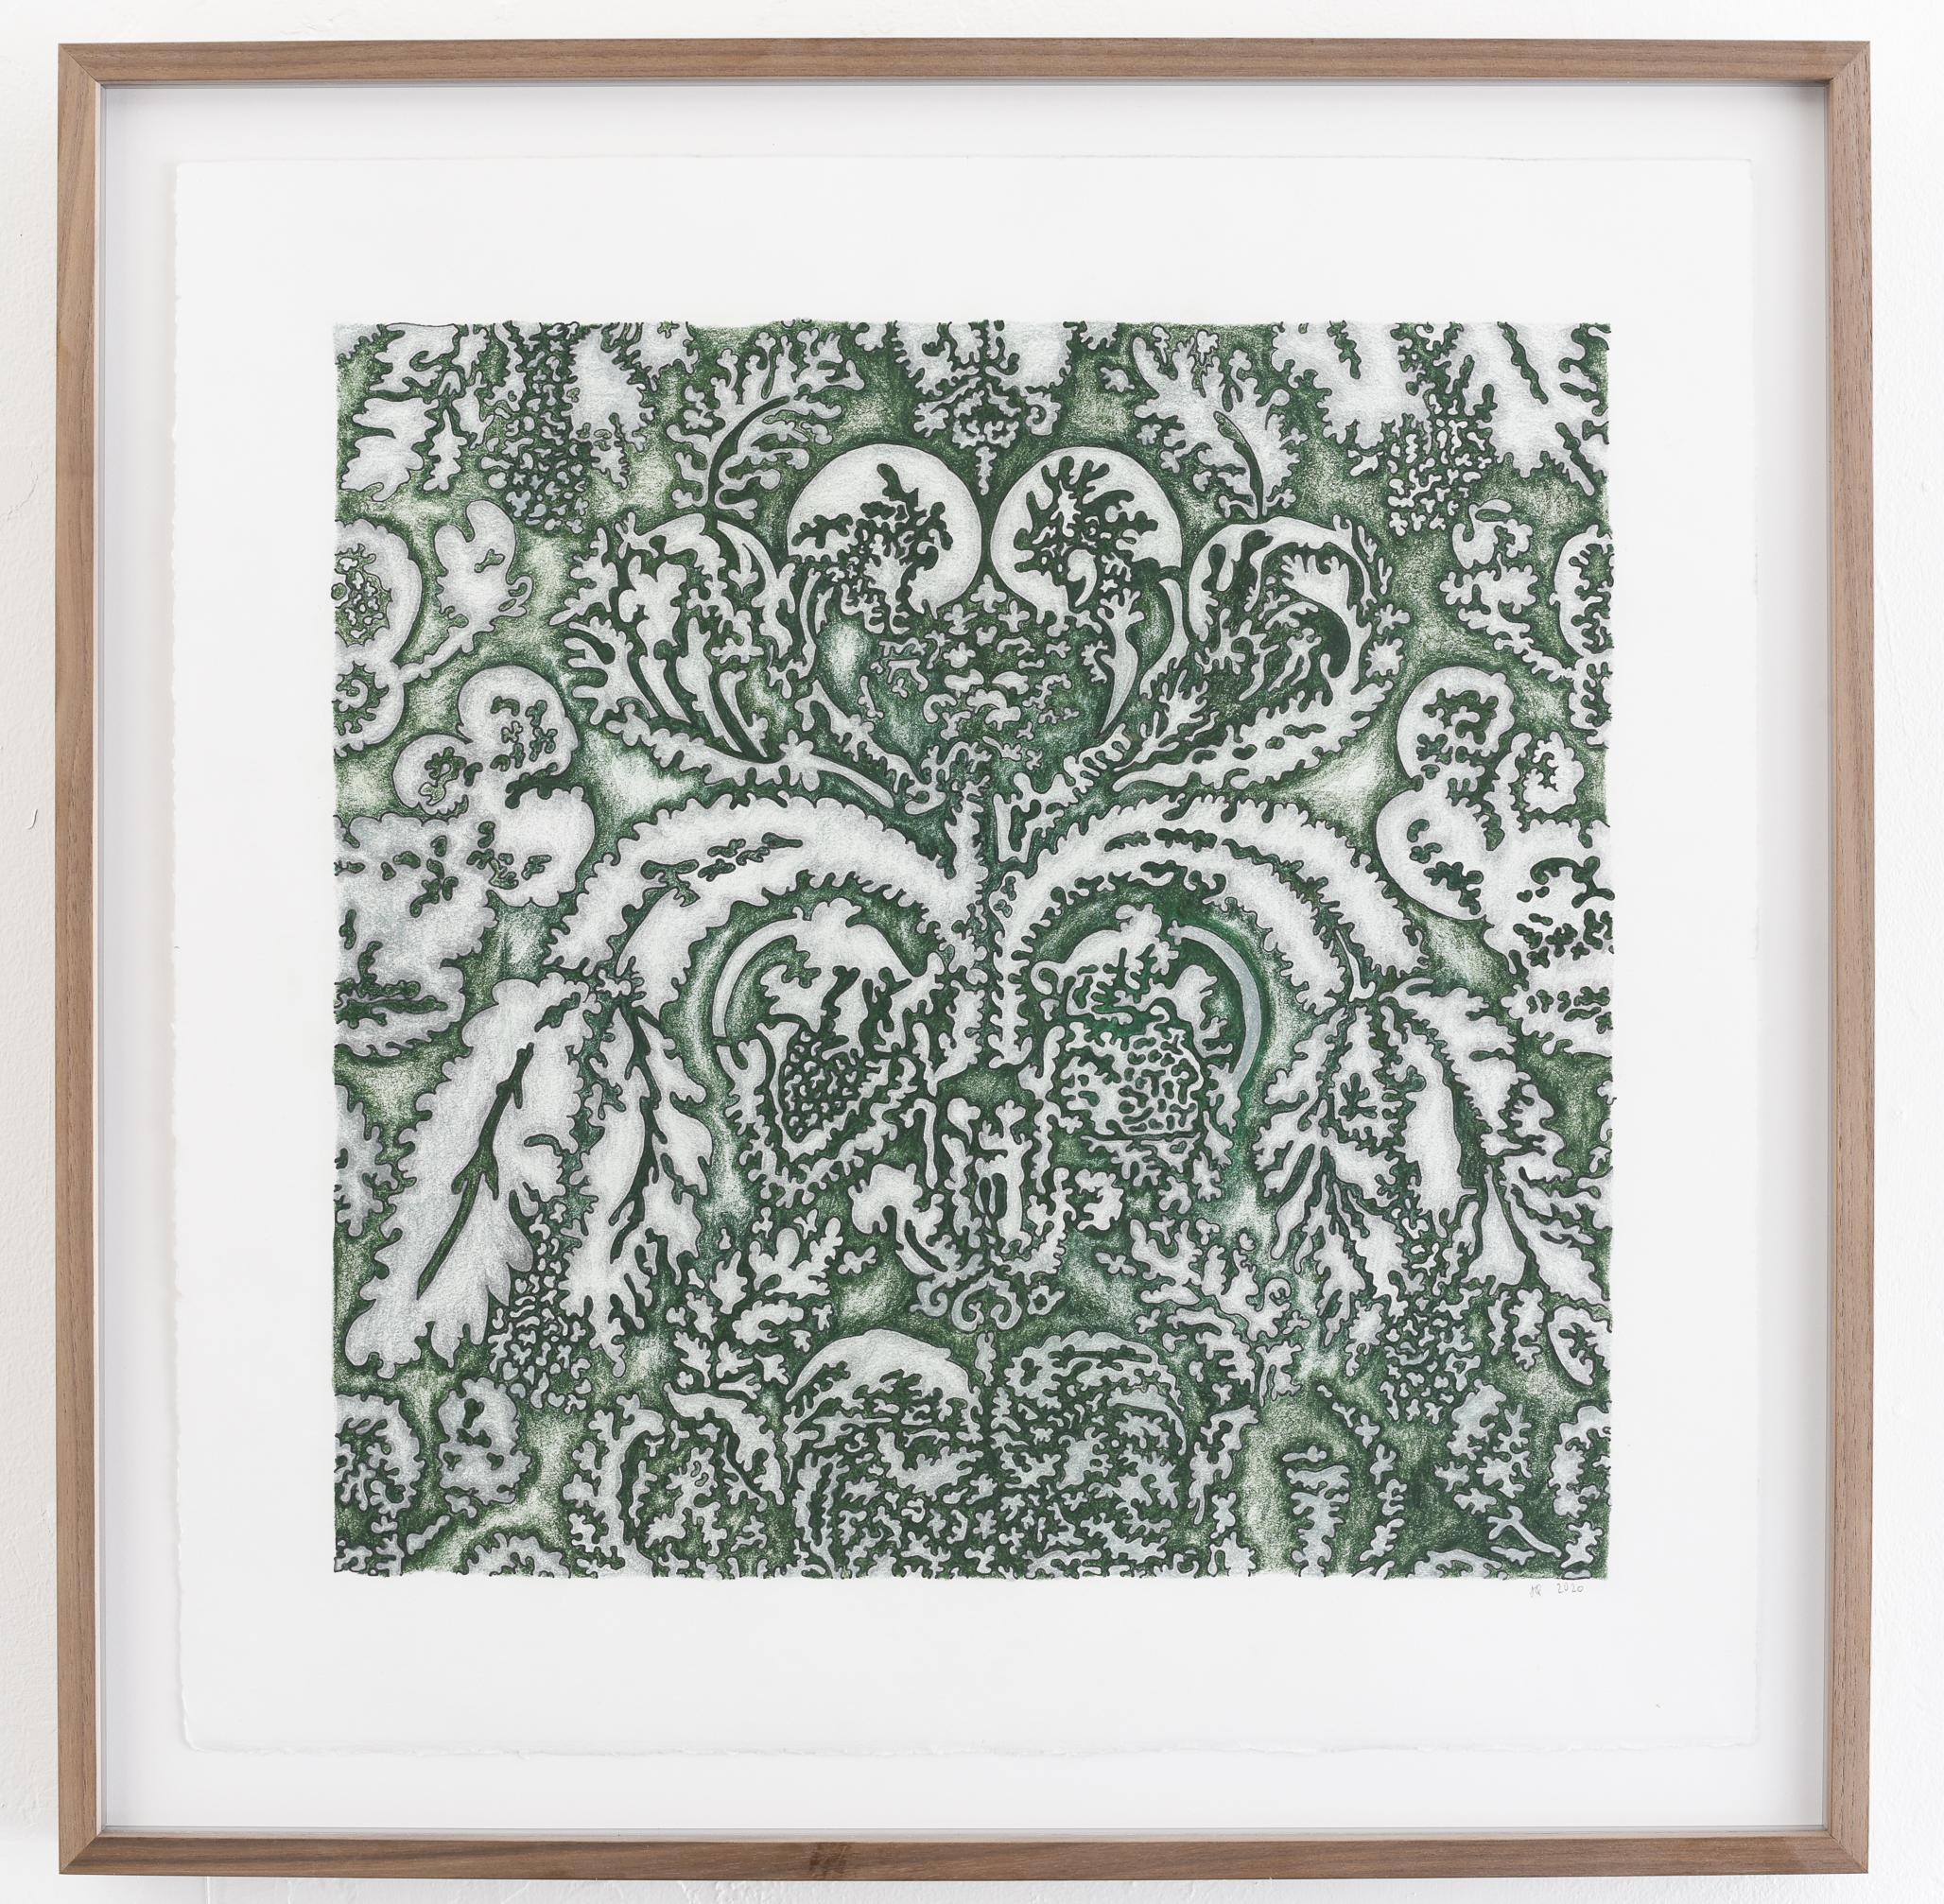 Jeanne Quinn, Jaquard Drawing (green), 2020